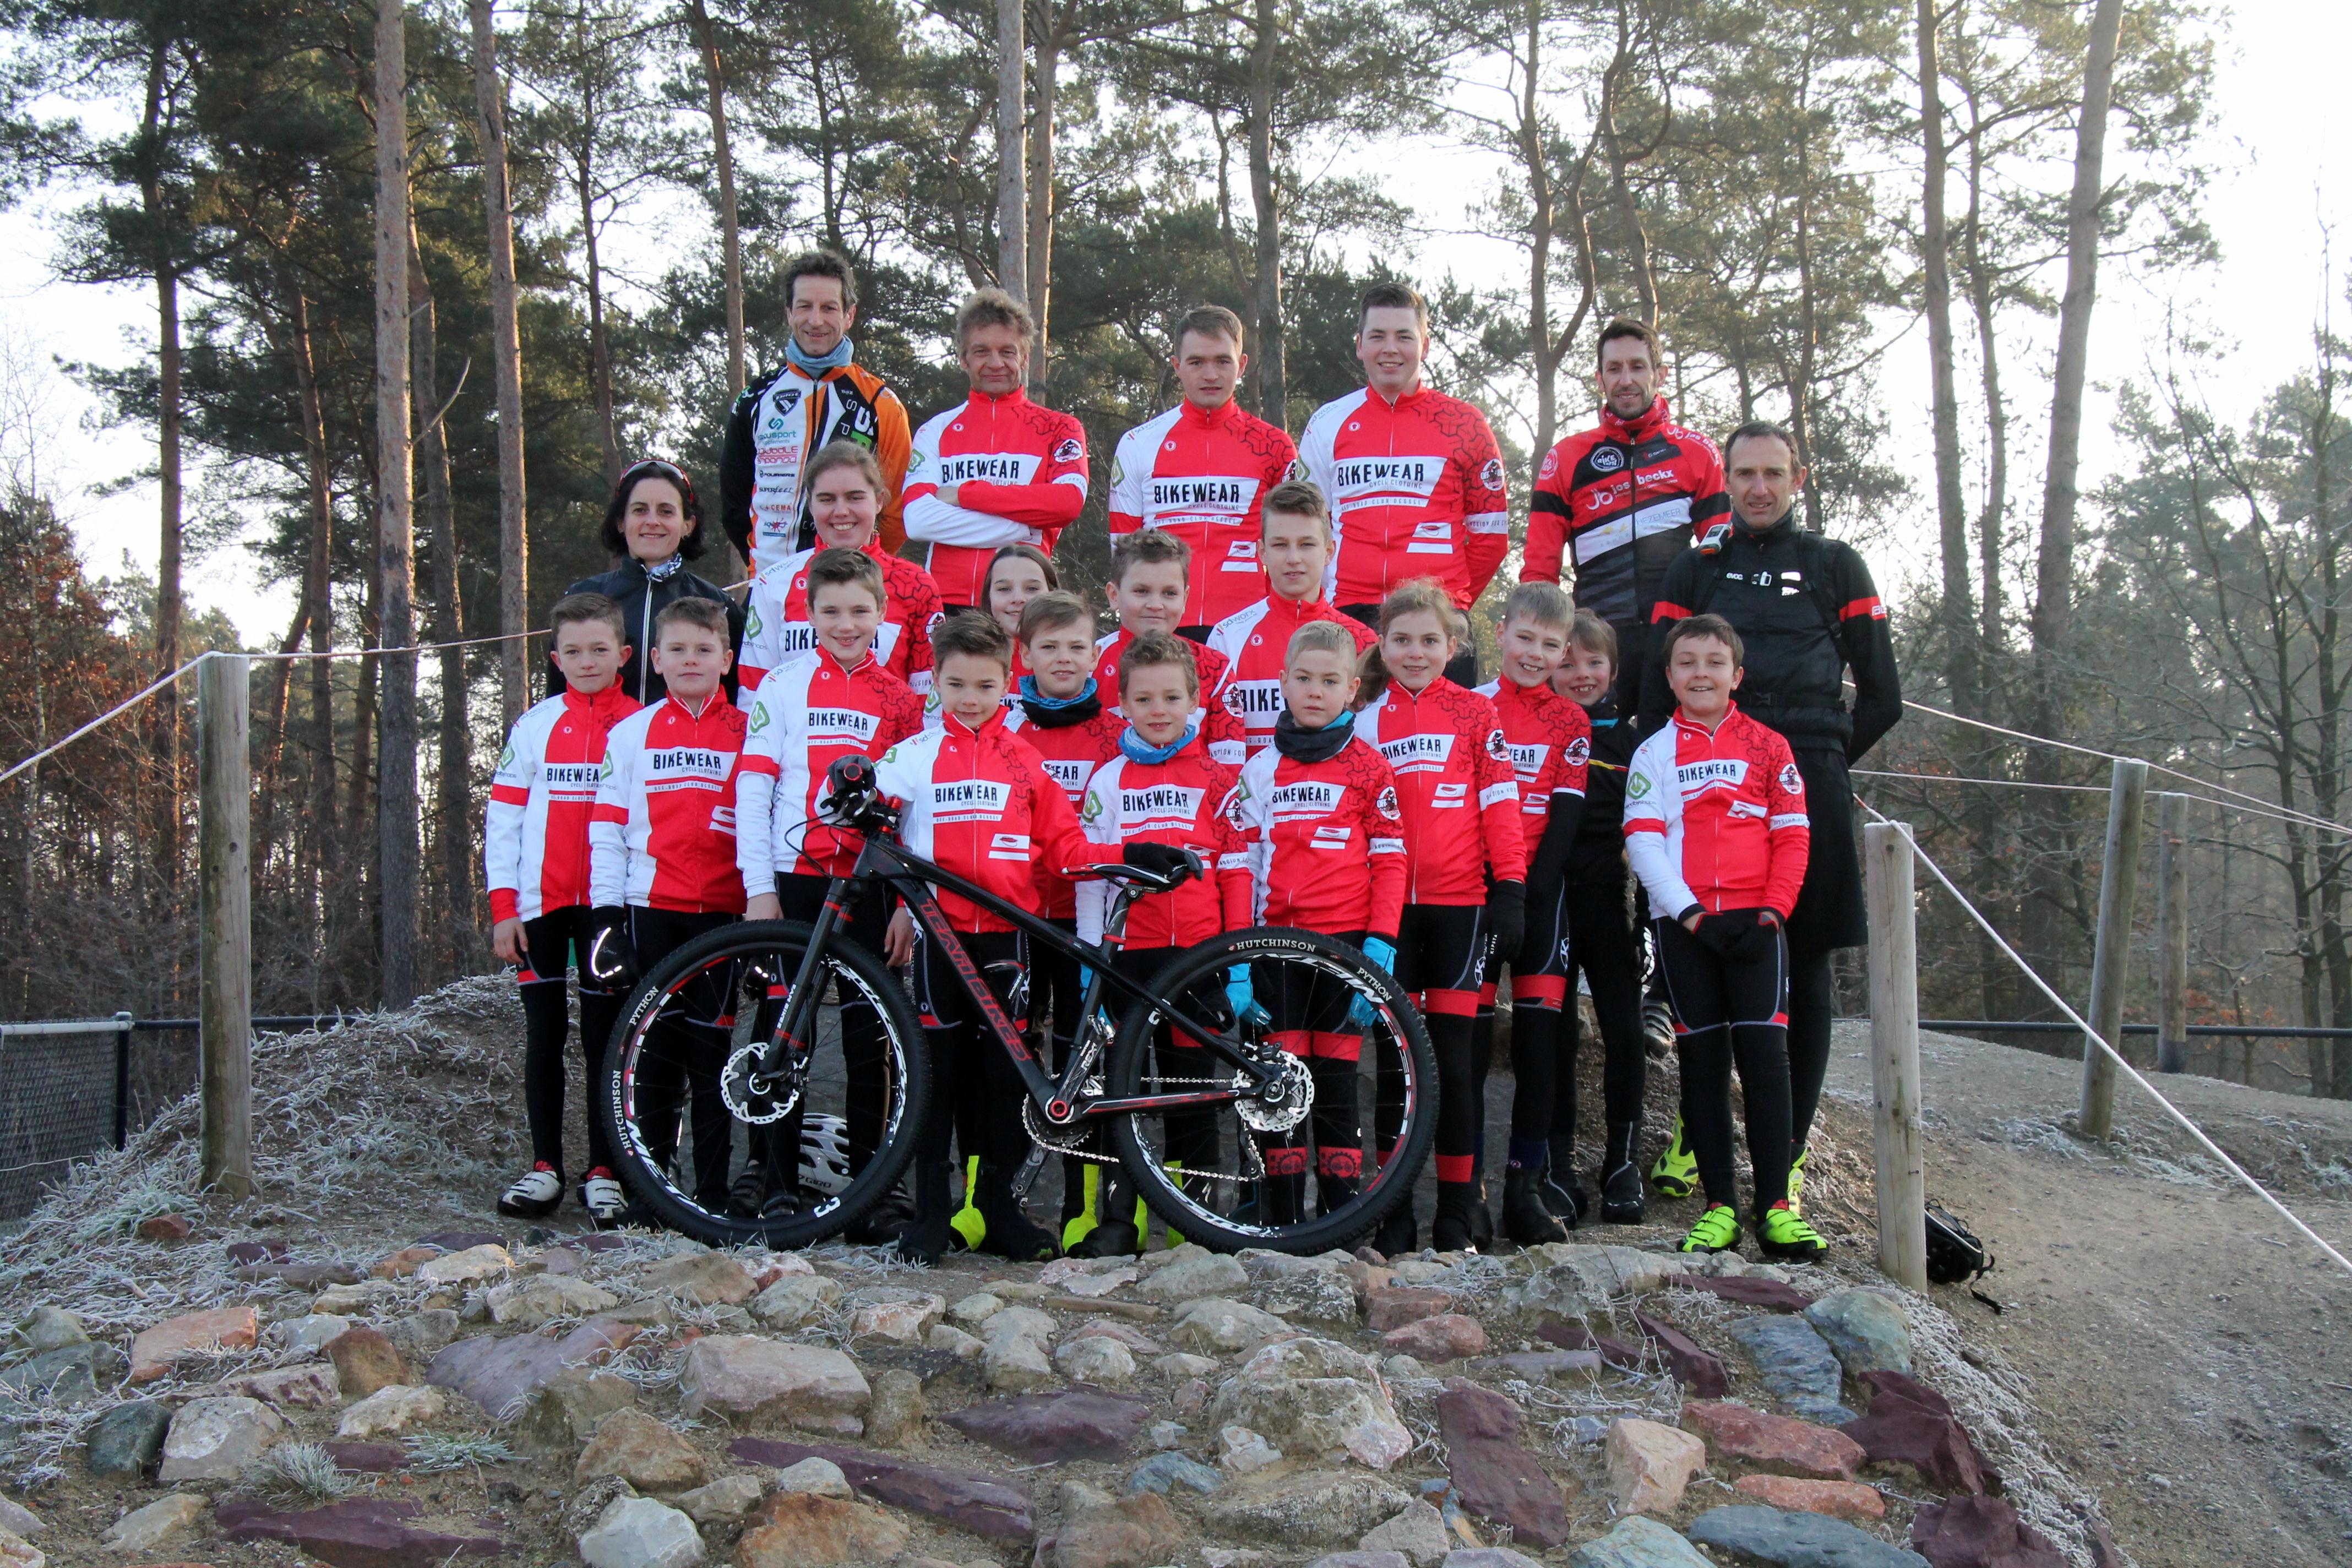 Mountainbike wedstrijden in Dessel op 4 maart